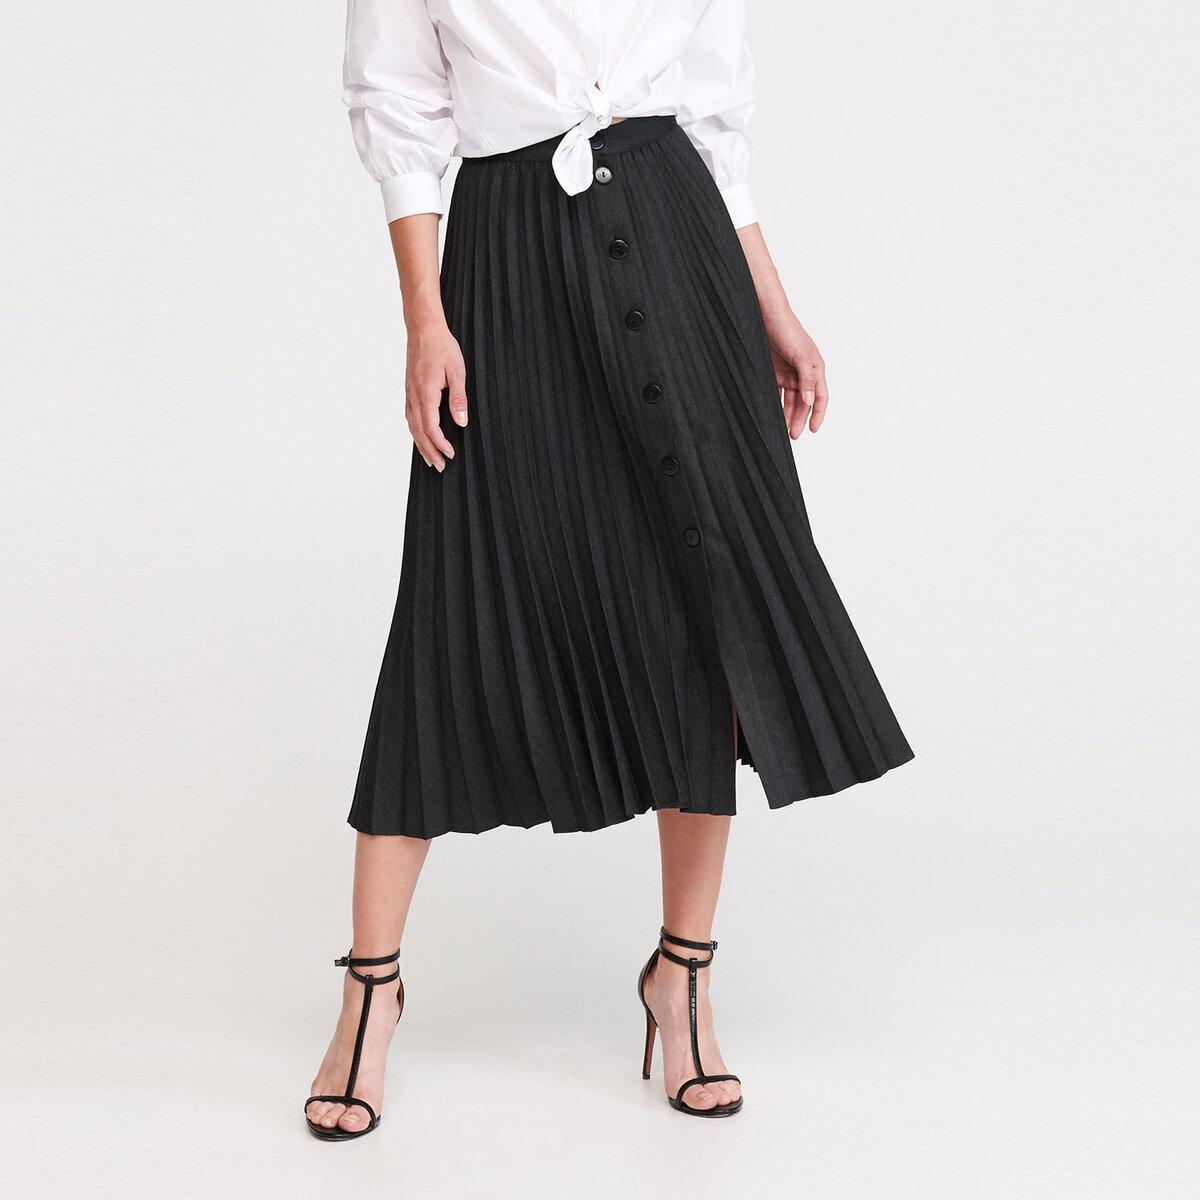 14 отличных  моделей юбок с пуговицами спереди для женщин застежкой, пуговицы, выбор, модель, Такая, можно, любой, такой, переда, Модель, отлично, хорошо, центру, поясом, модели, подойдет, подобрать, узкая, силуэта, любого